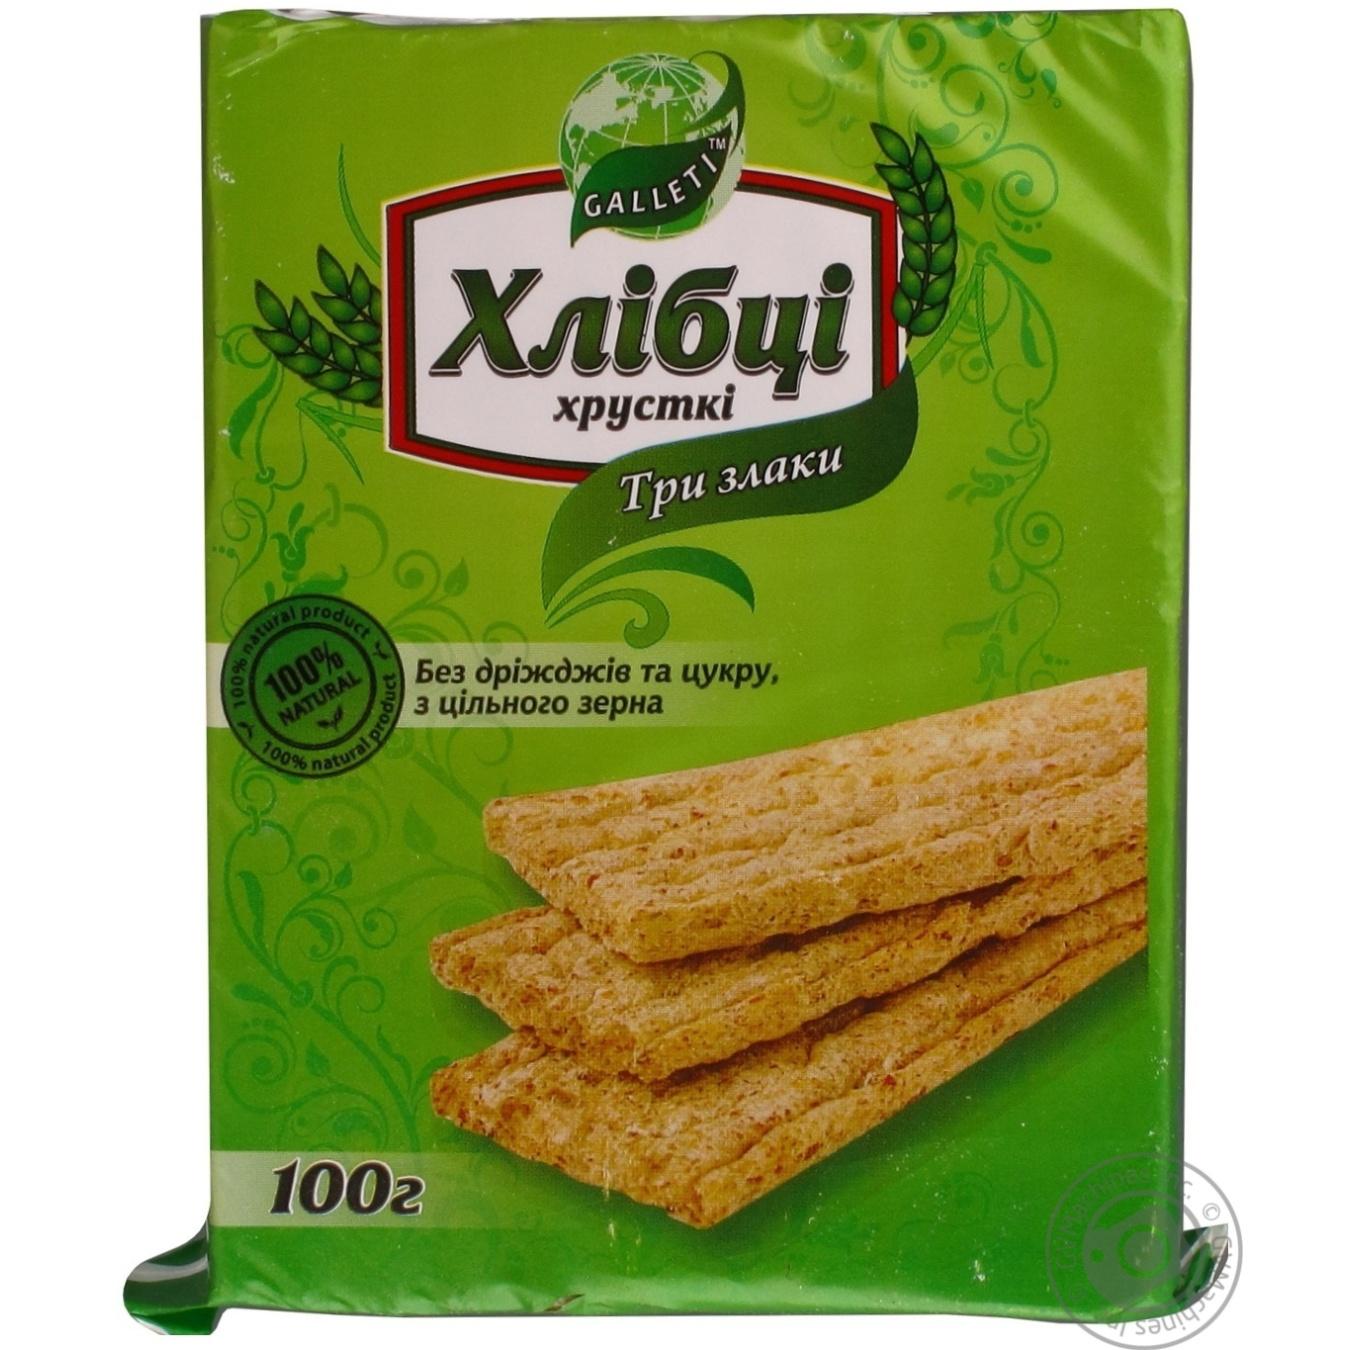 Хлебцы Галлети Хлебцы-Луганцы три злака без дрожжей и сахара 100г